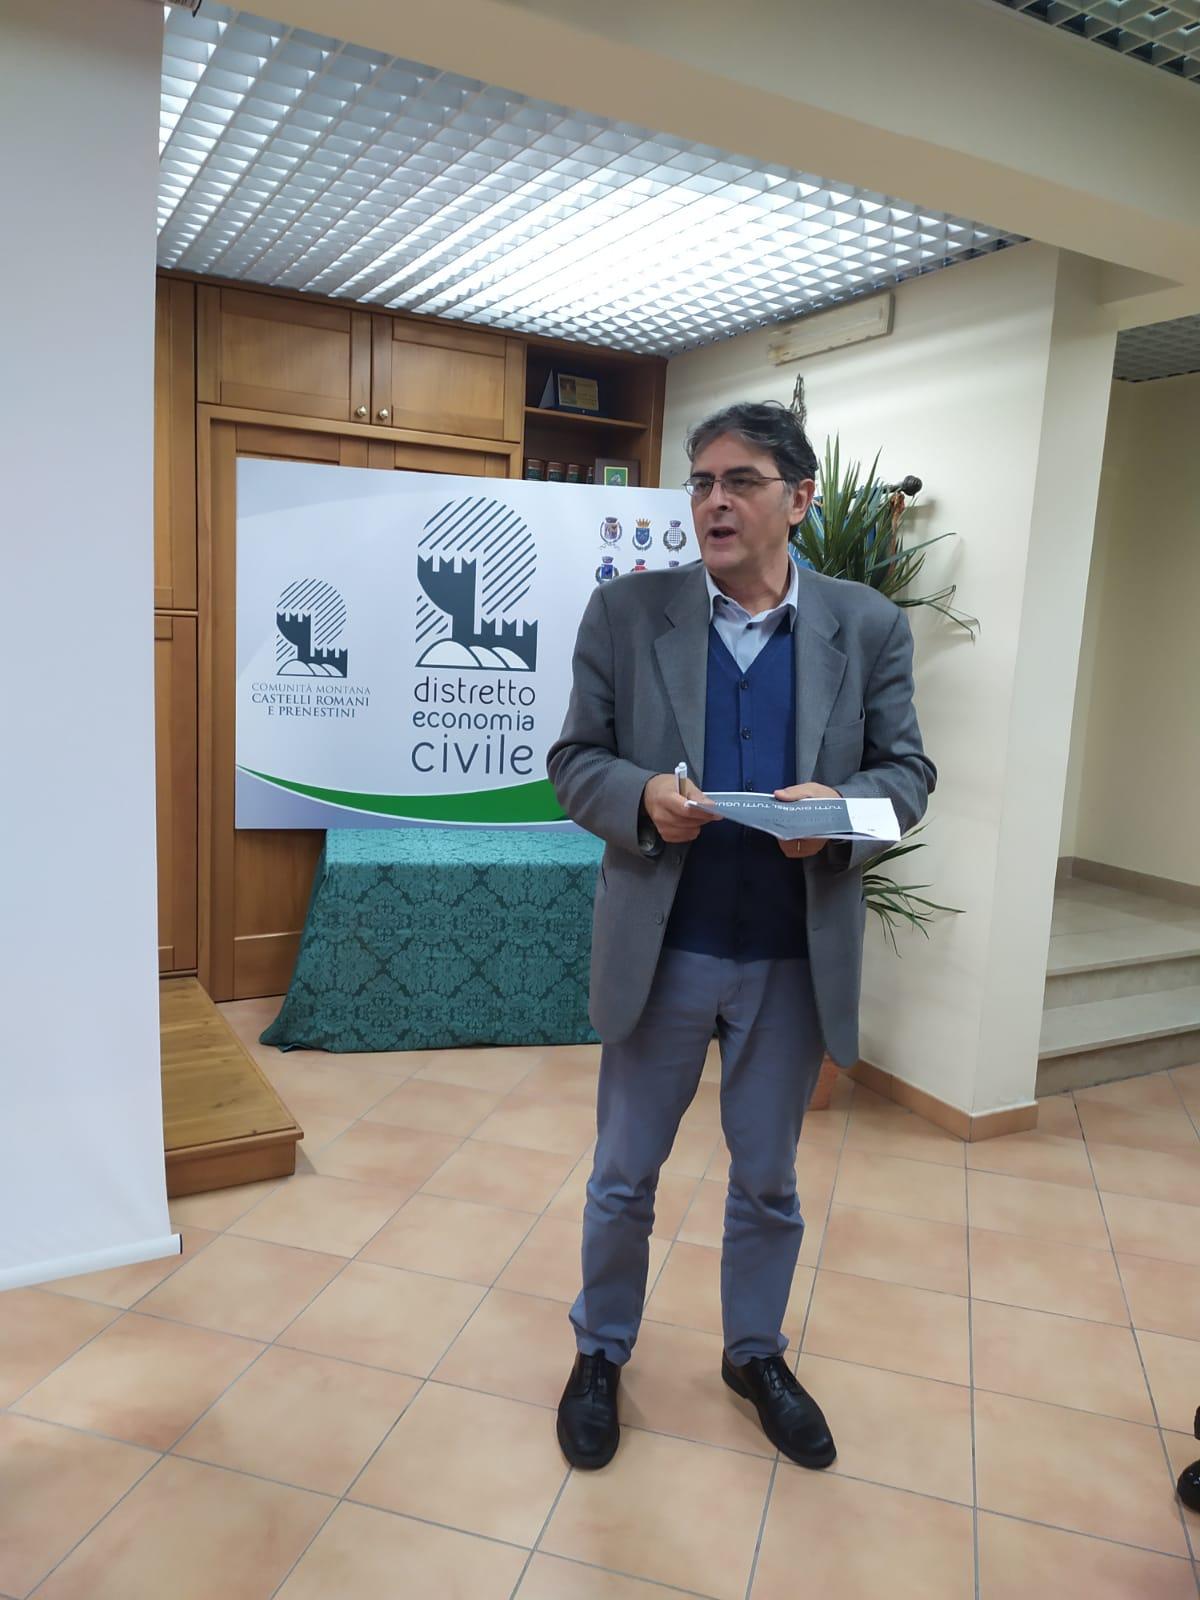 Distretto Economia Civile, GAL Castelli Romani aderisce al Manifesto dei Valori